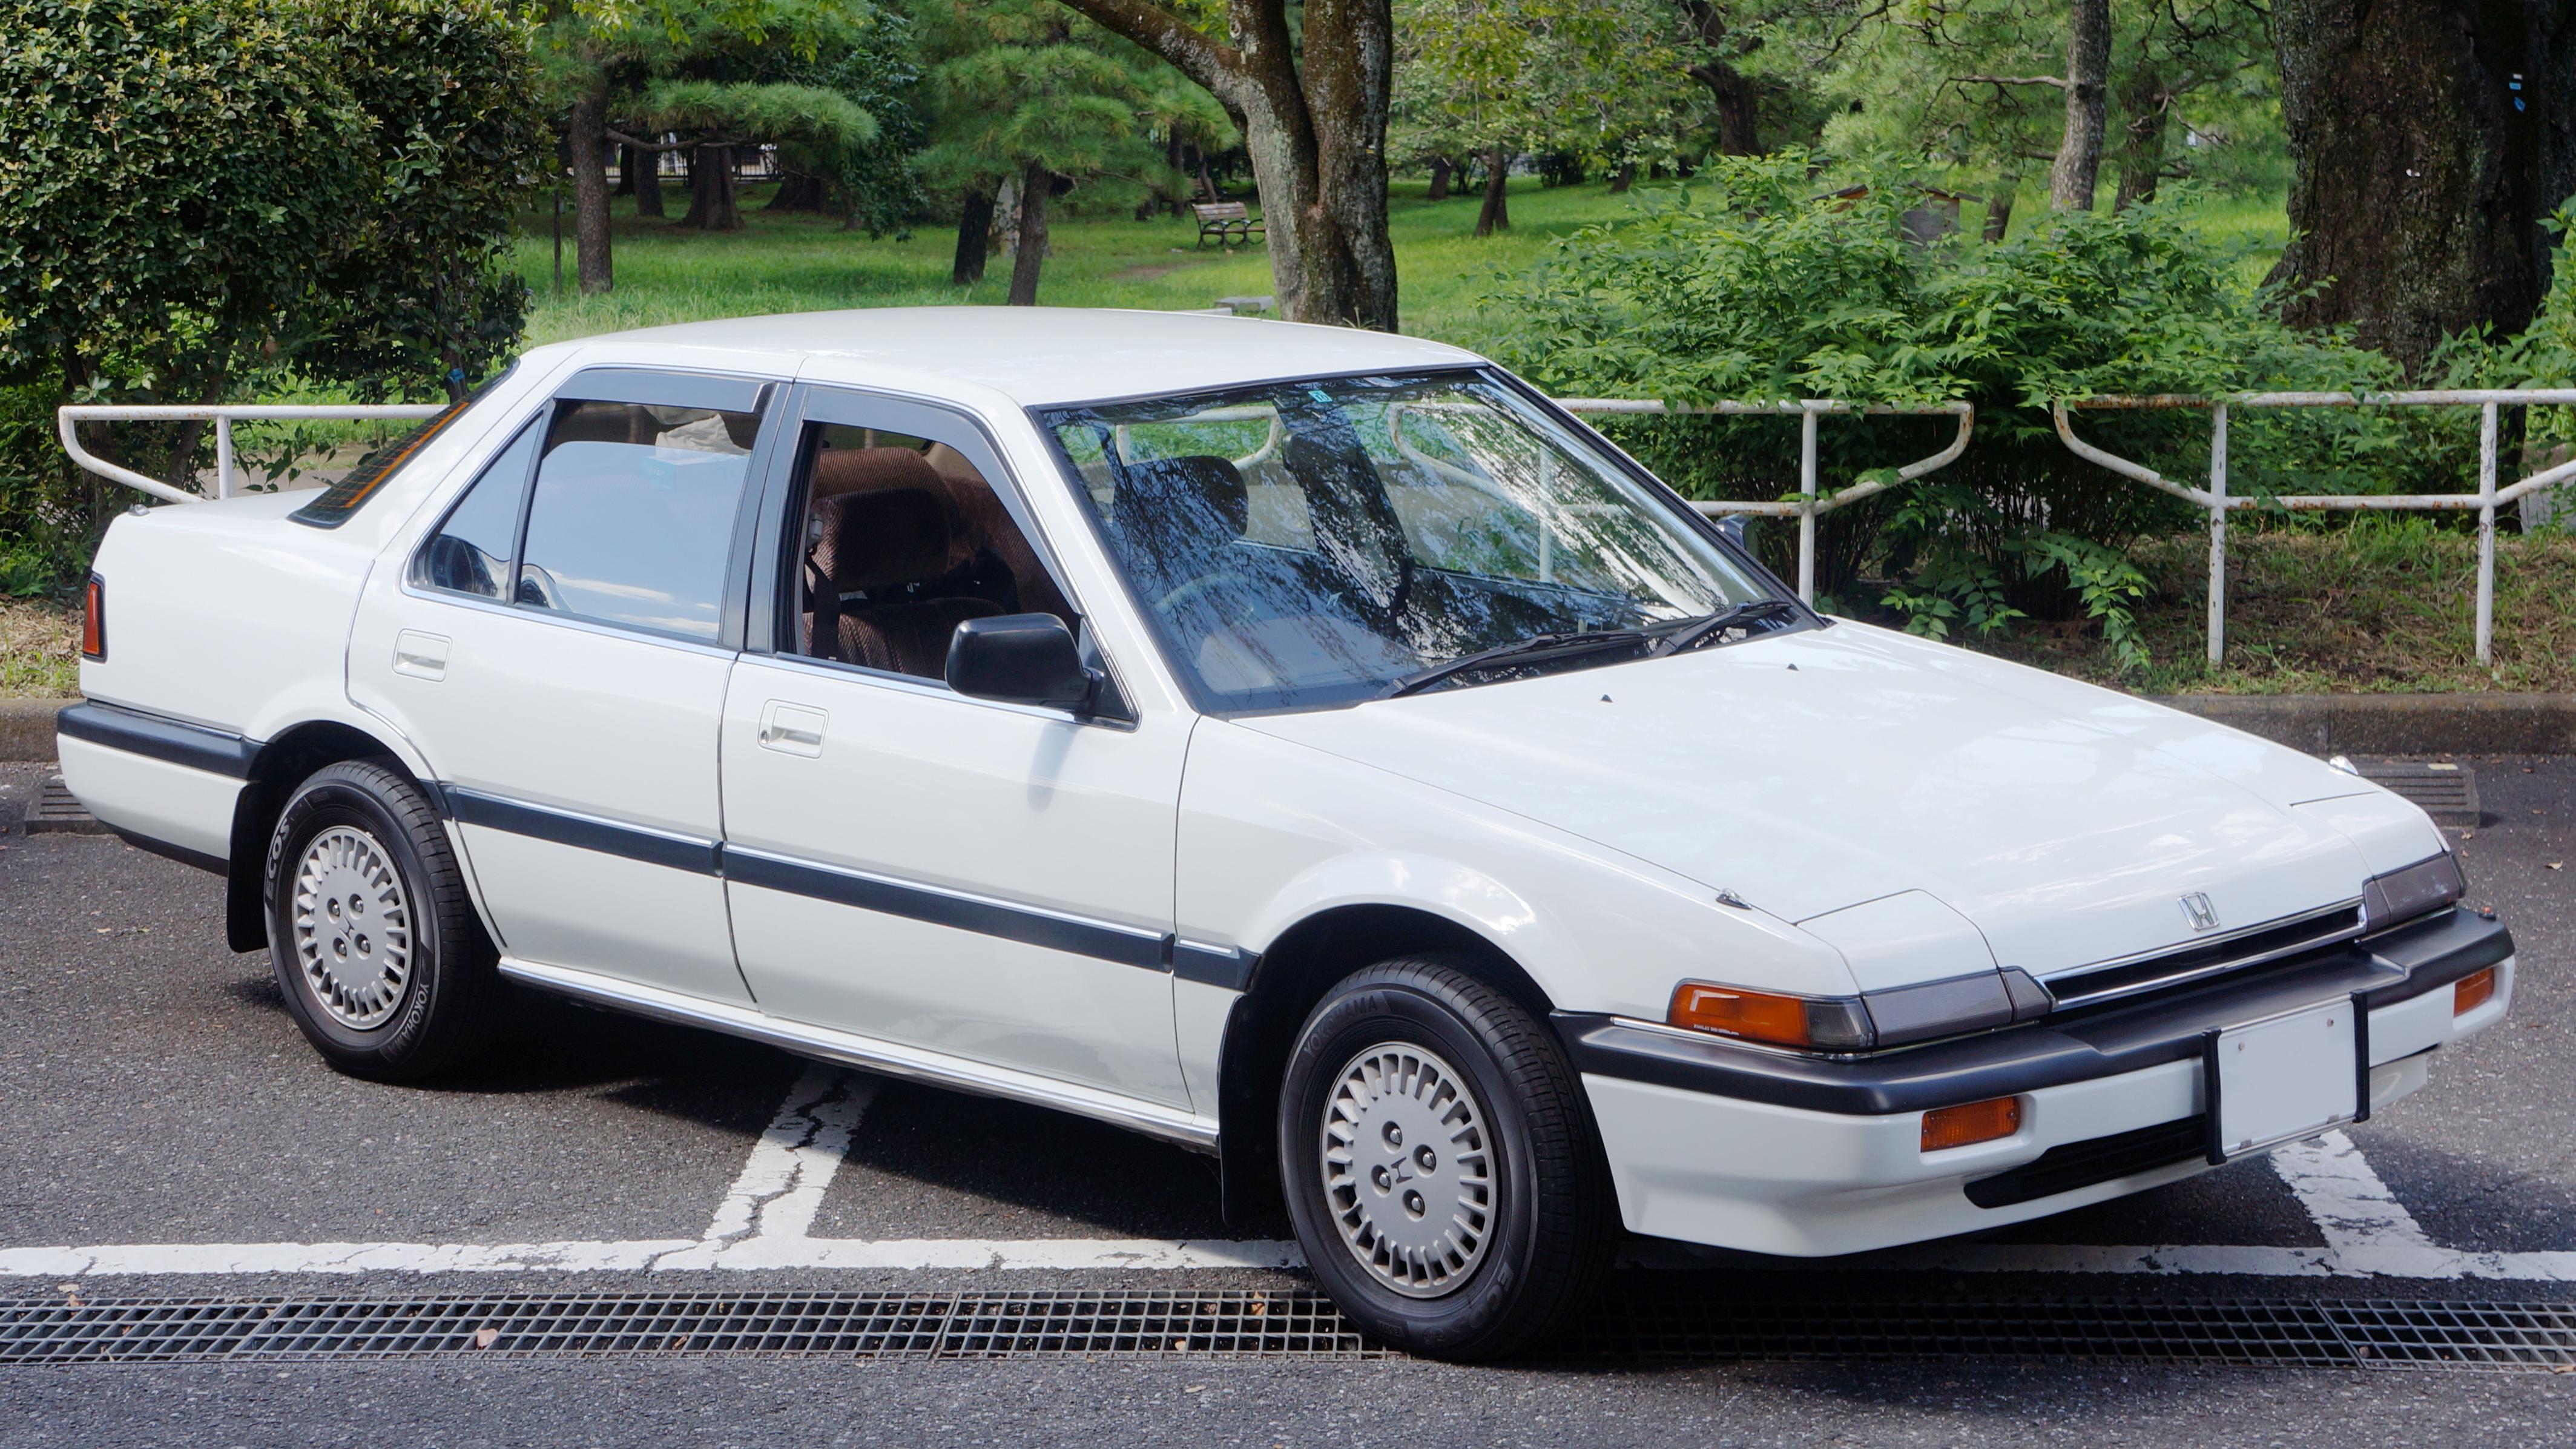 Kelebihan Kekurangan Honda Accord 1985 Spesifikasi